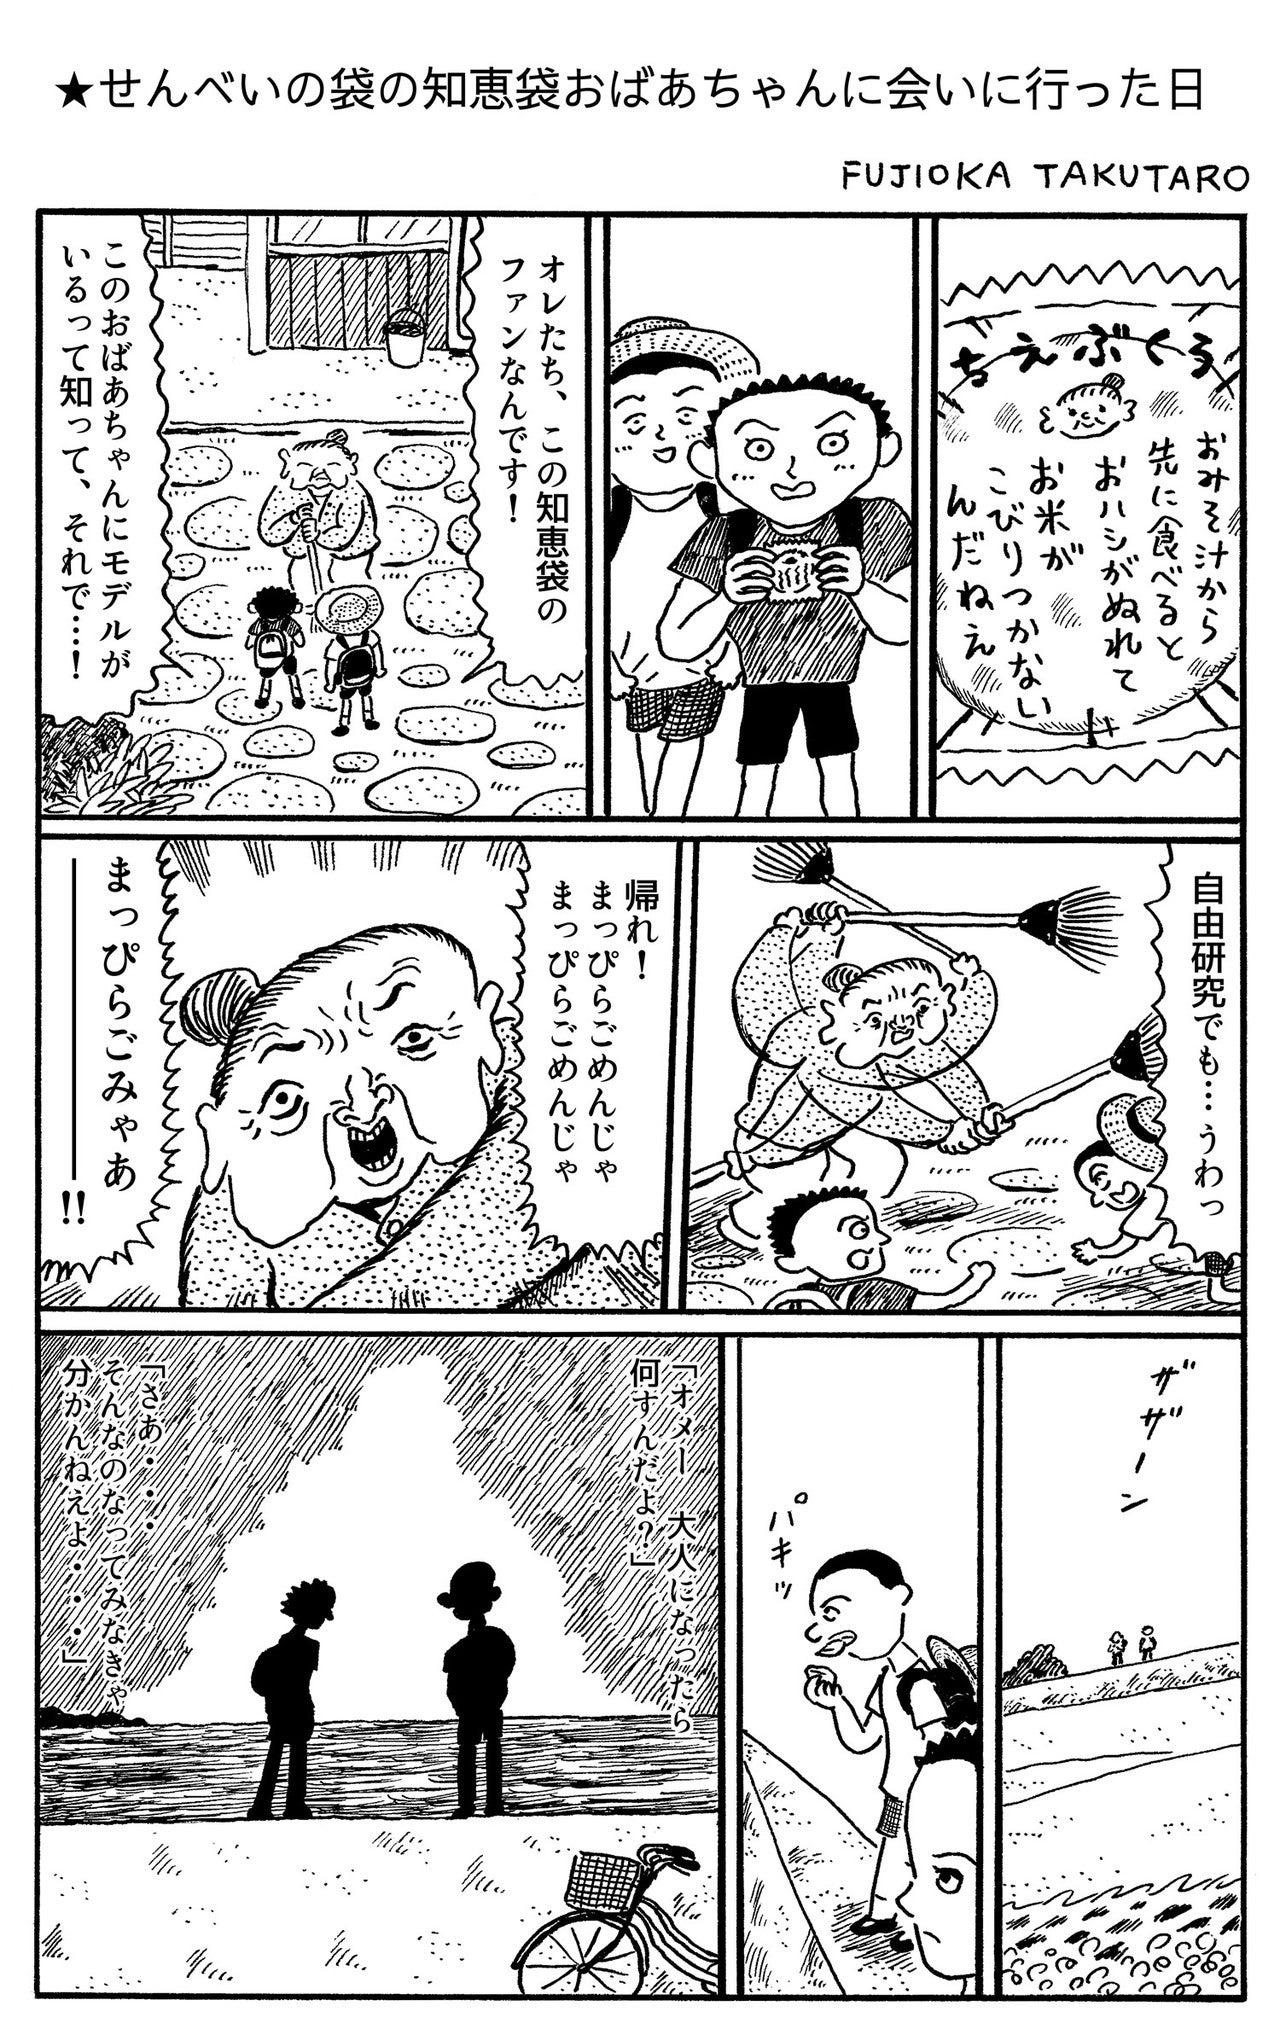 20180501_1ページ漫画_せんべいの袋の知恵袋おばあちゃんに会いに行った日__R